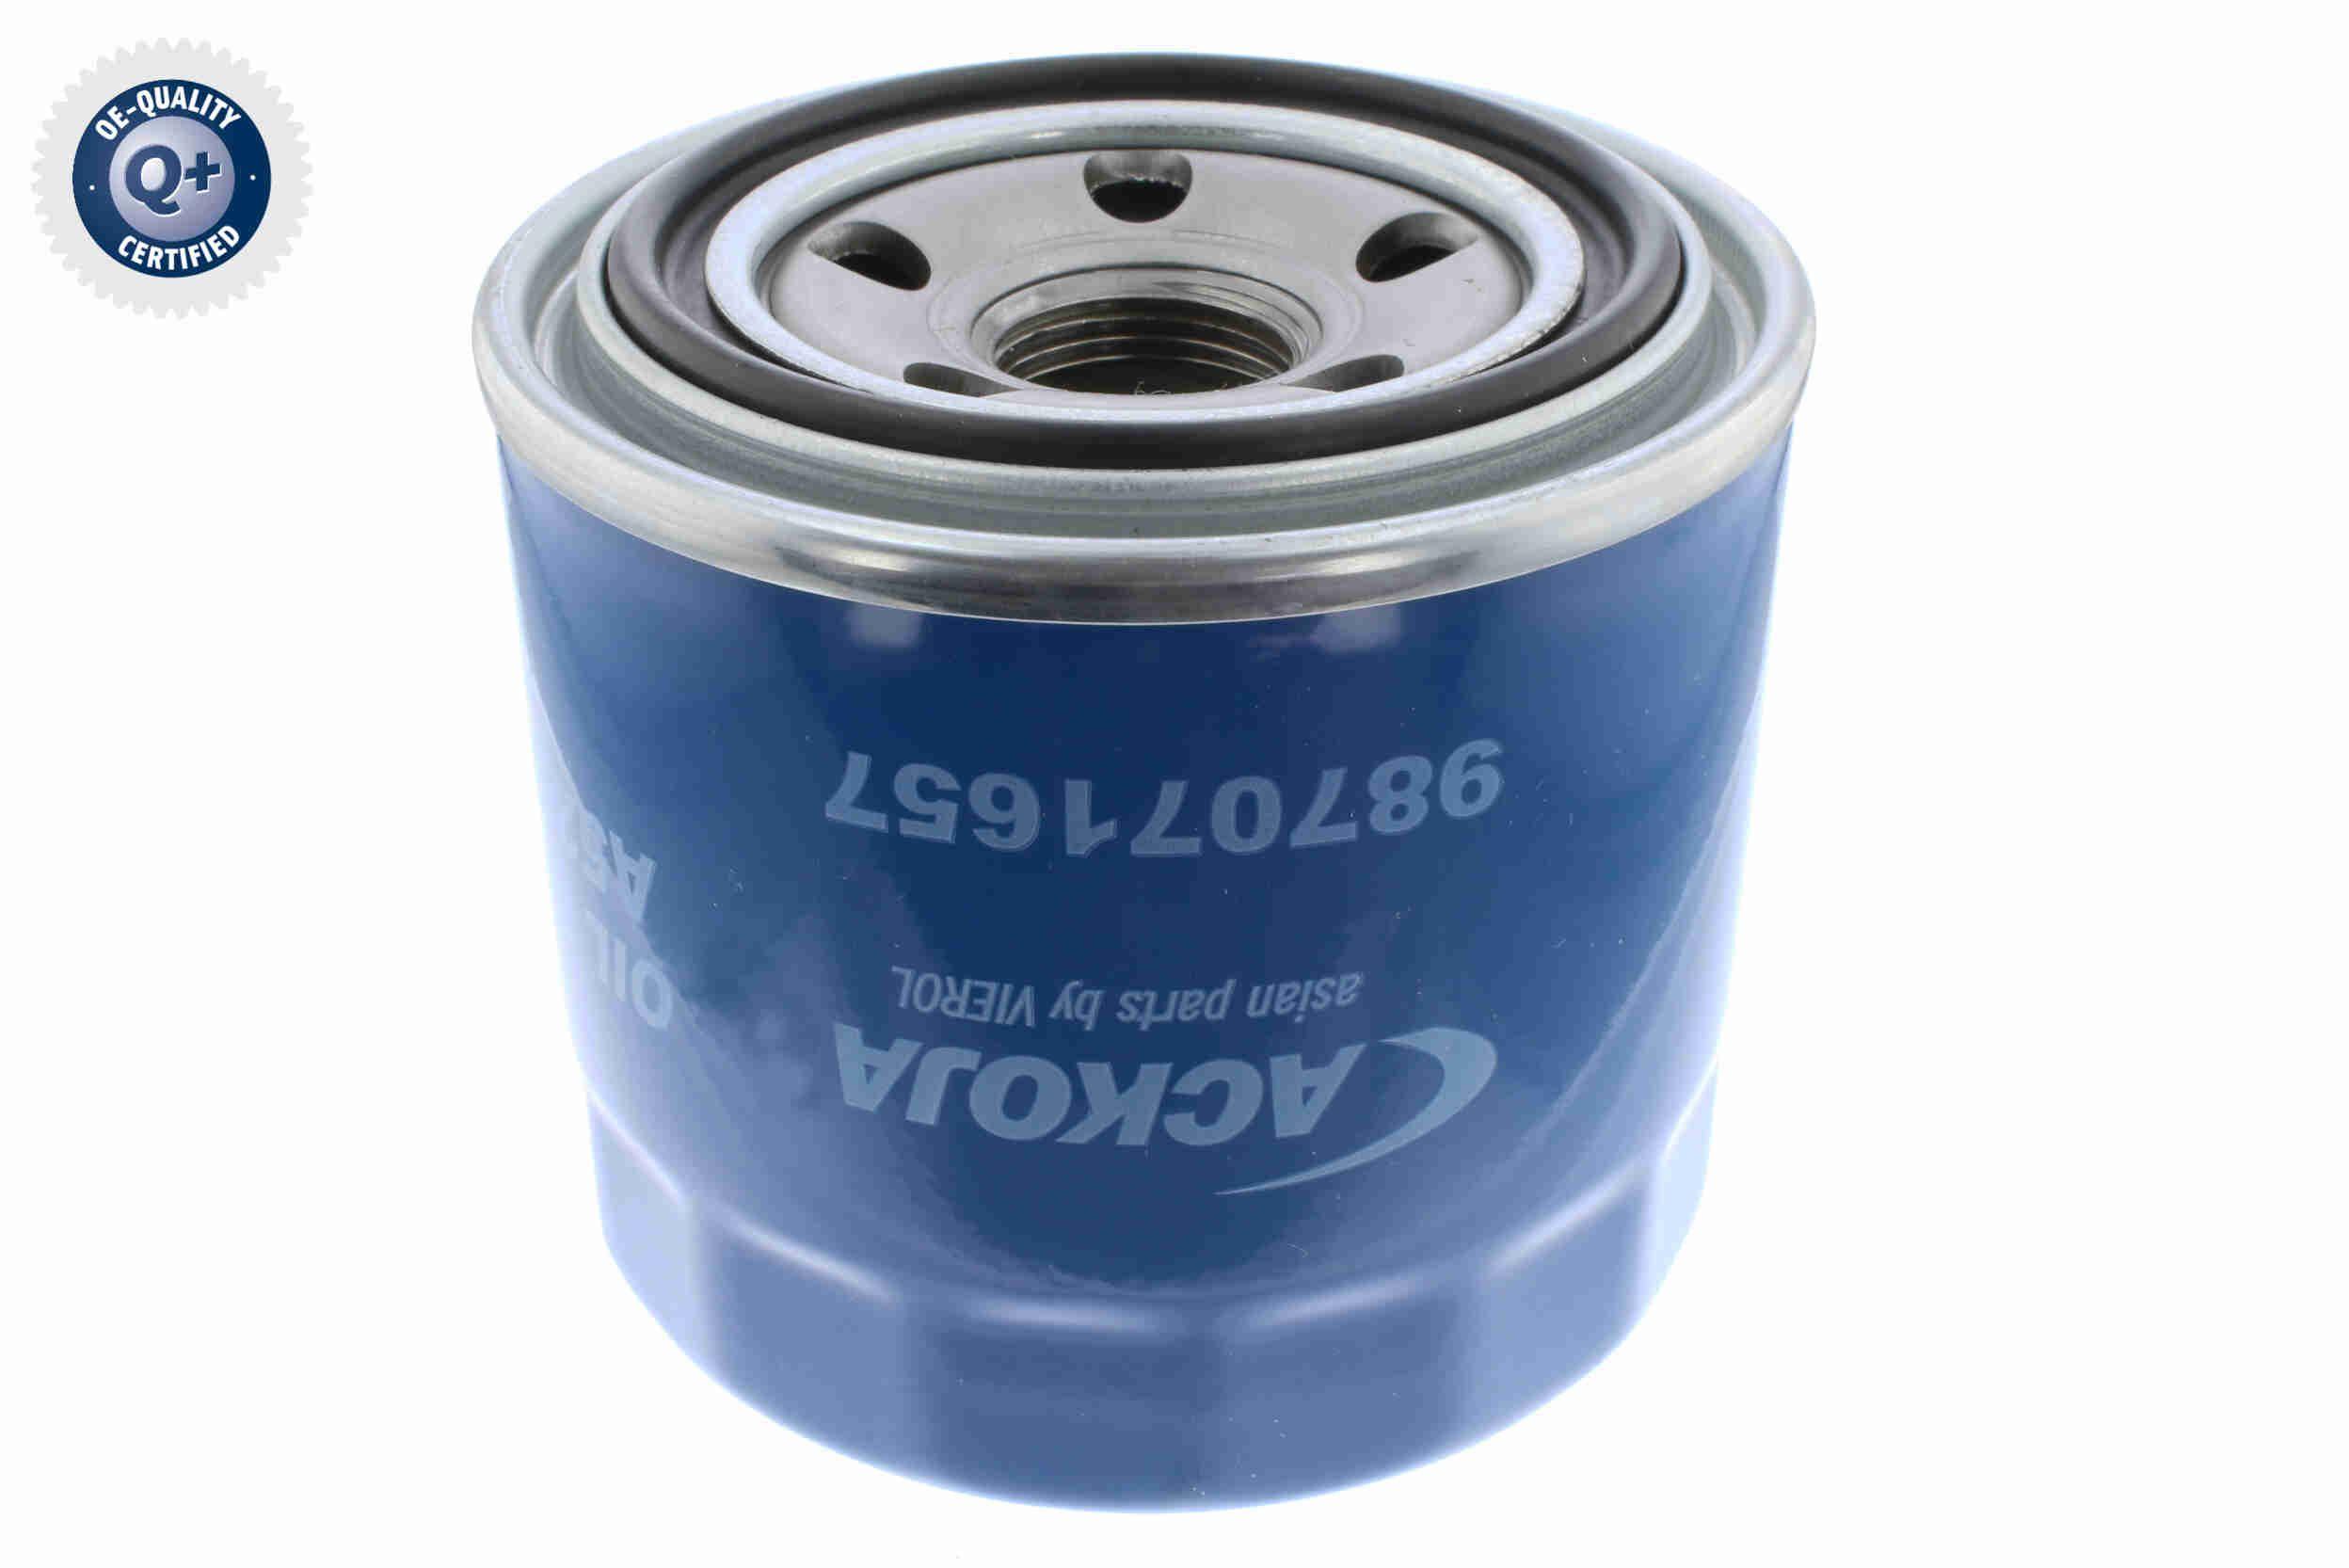 Ölfilter A52-0502 von ACKOJA